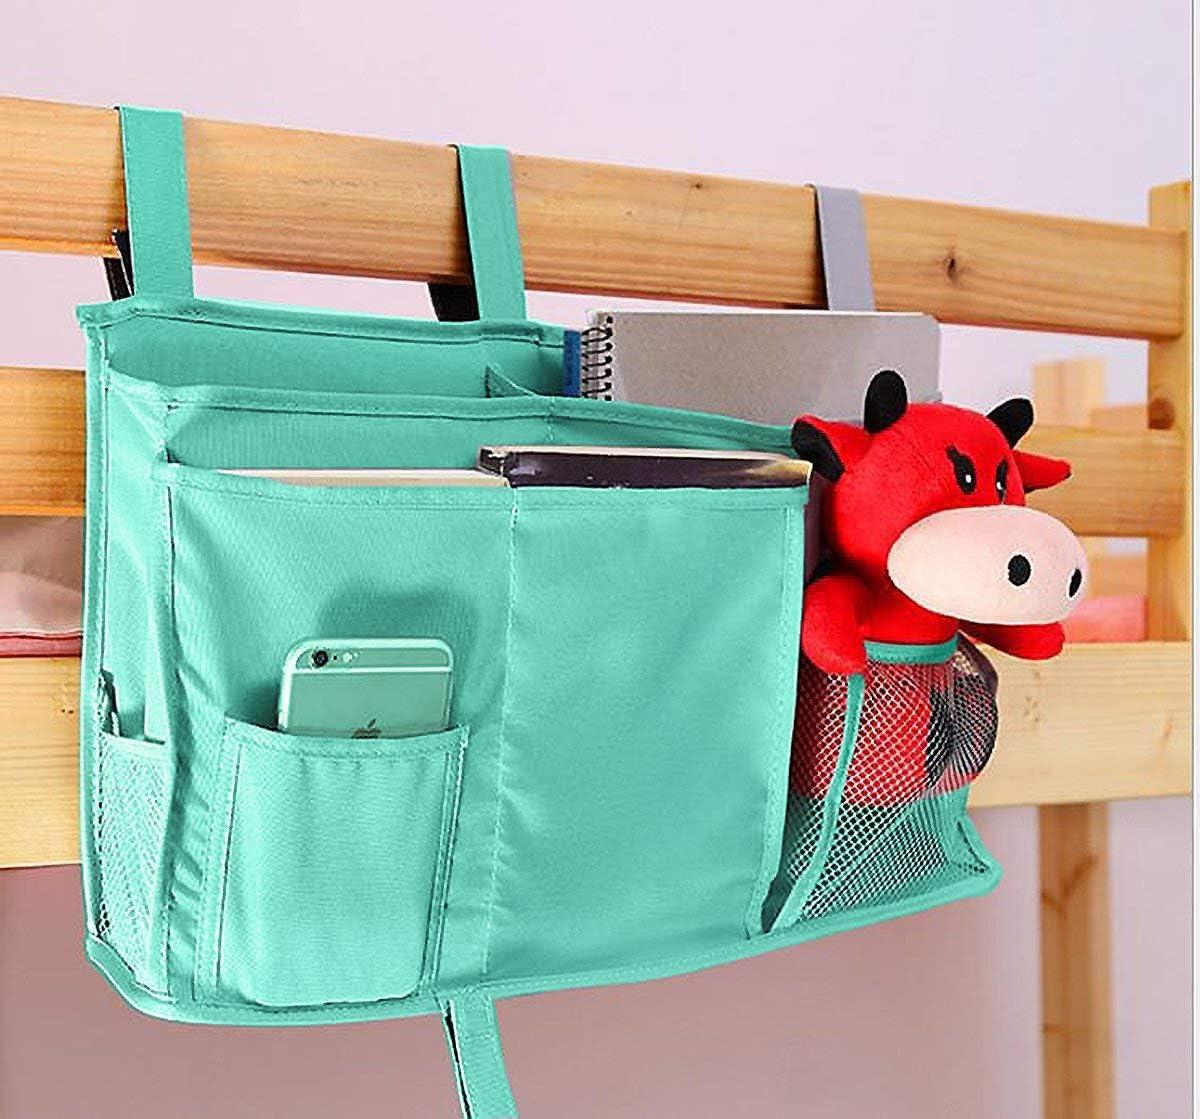 Blue Hospital Bed Rails Baby Bed Camp Bunk Bed Organizer Bed Storage Pocket Bedside Organizer Hanging Bed Storage Caddy for College Dorm Room Sugaroom Bedside Storage Caddy